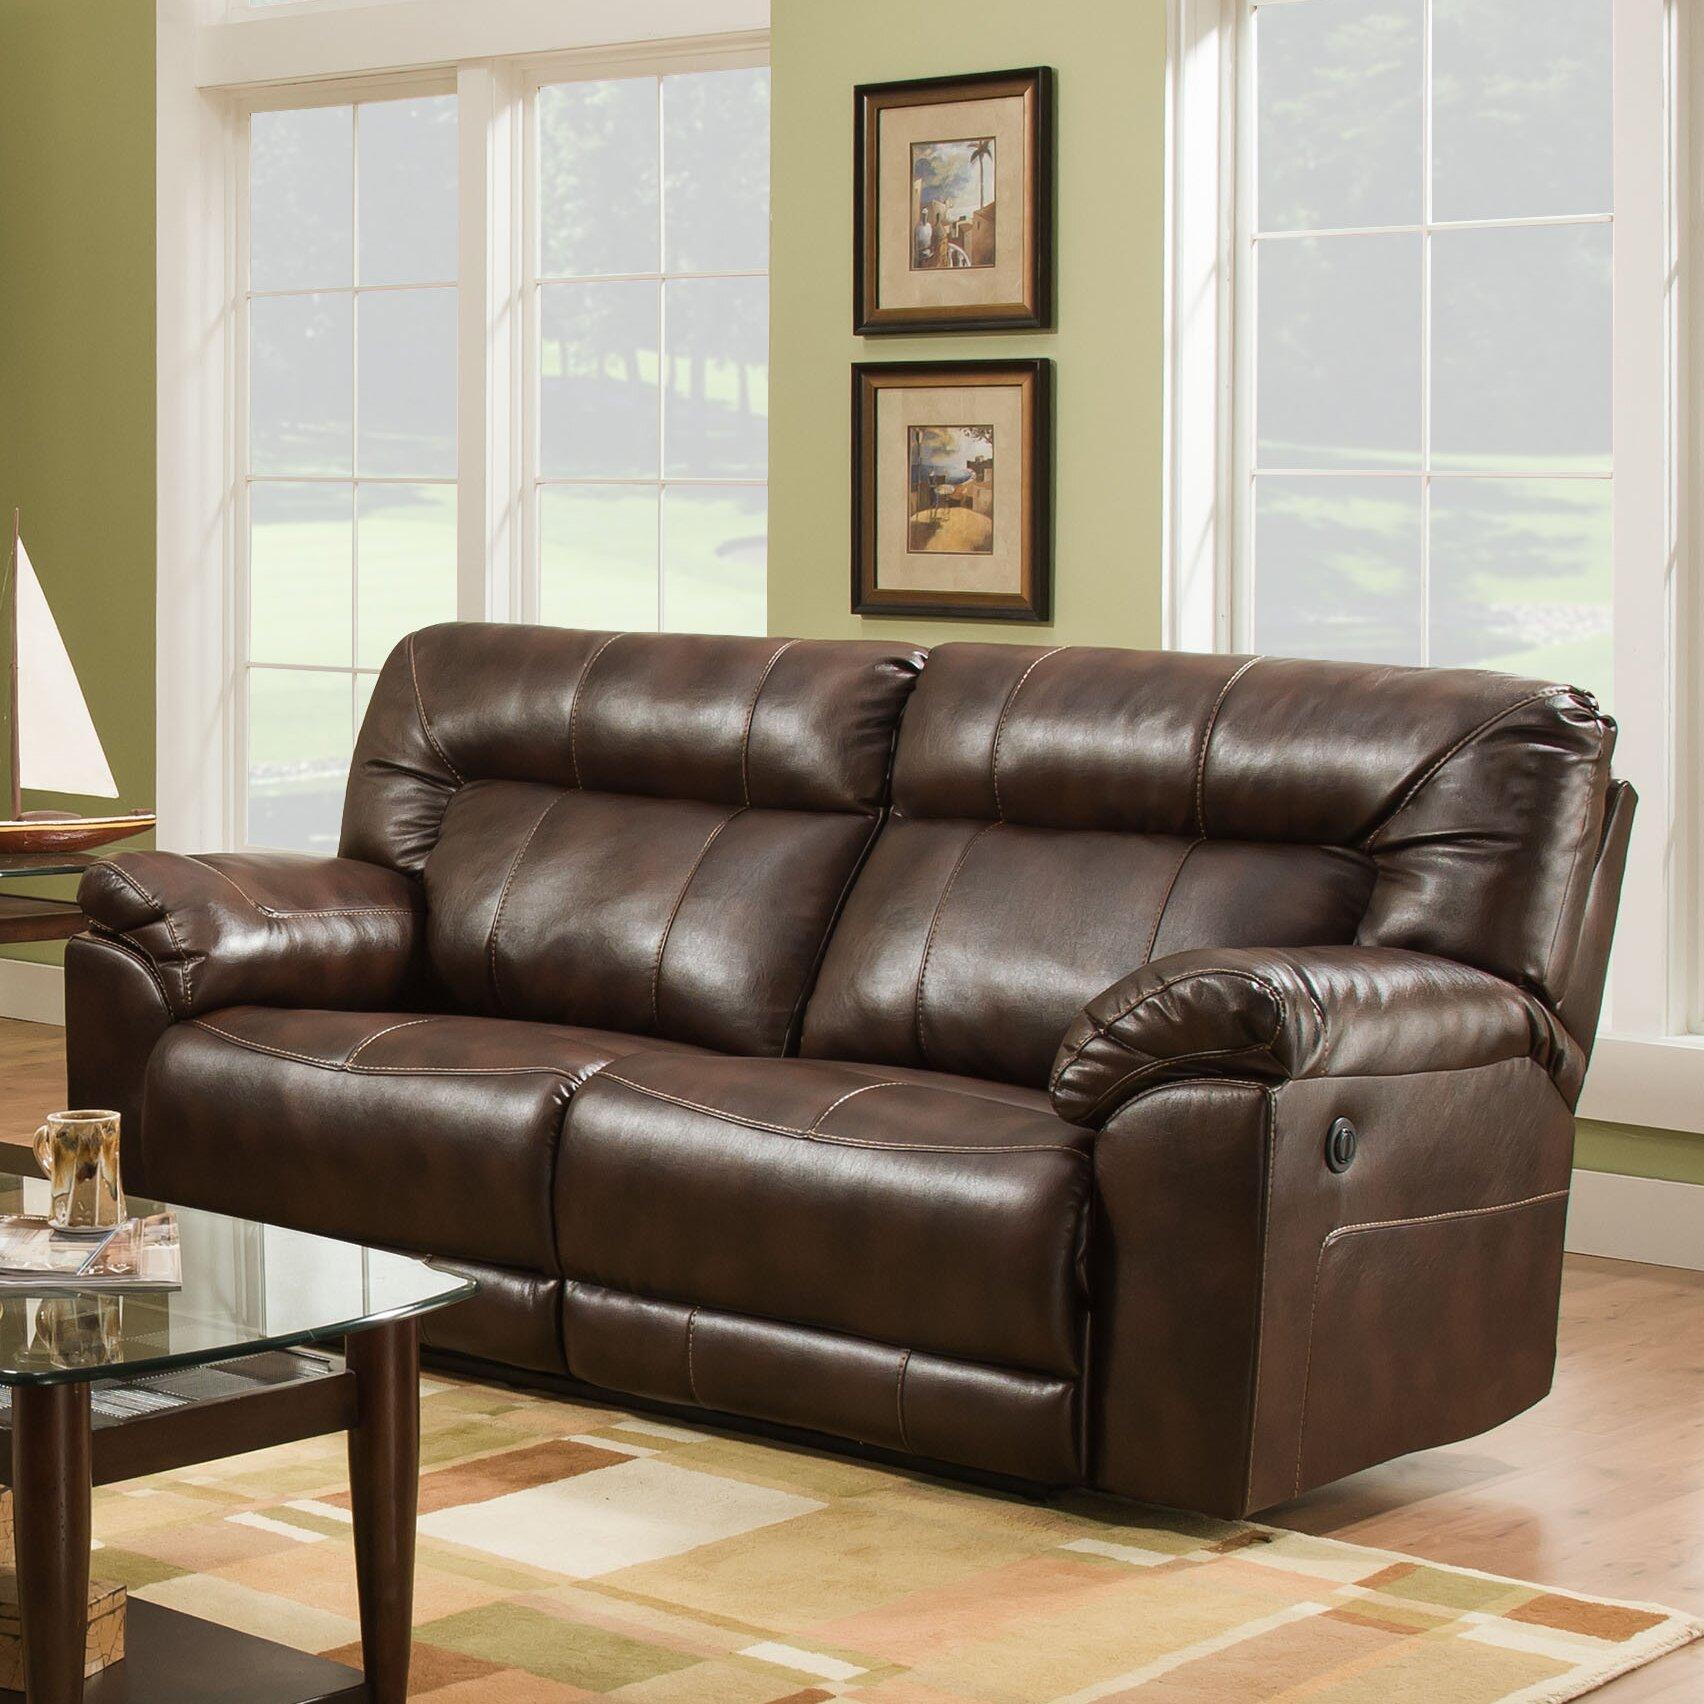 Simmons upholstery abilene motion sofa reviews wayfair for Simmons upholstery sectional sofa